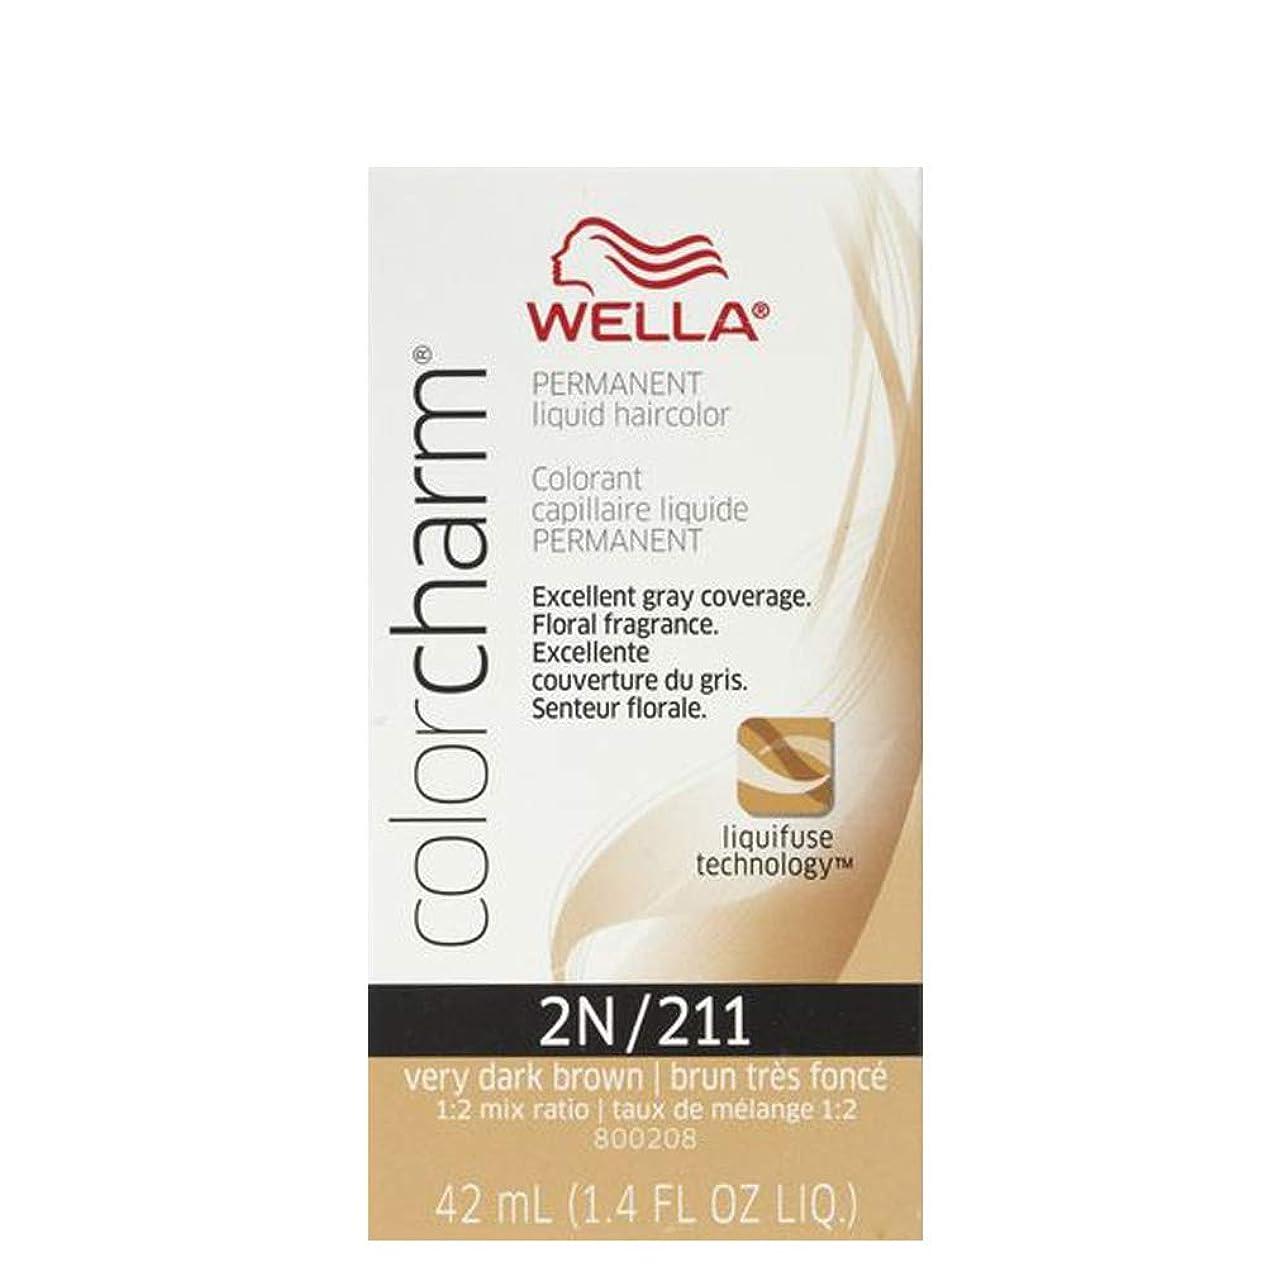 顔料活気づく戦略Wella 非常にダークブラウン色のチャーム液体パーマネントヘアカラー